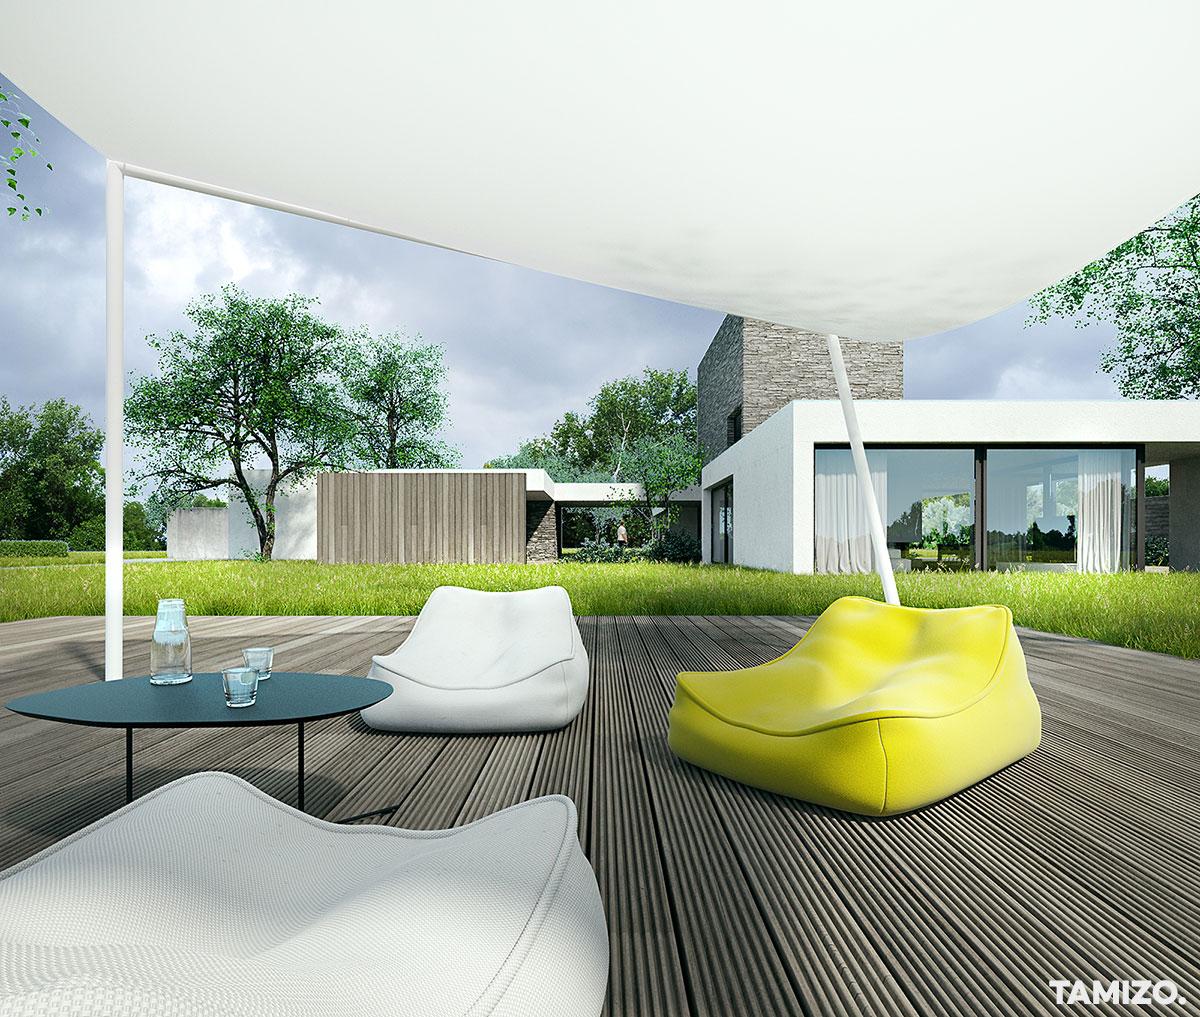 A067_architektura_tamizo_projekt_dom_wieza_rezydencja_minimal_house_design_rzeszow_13